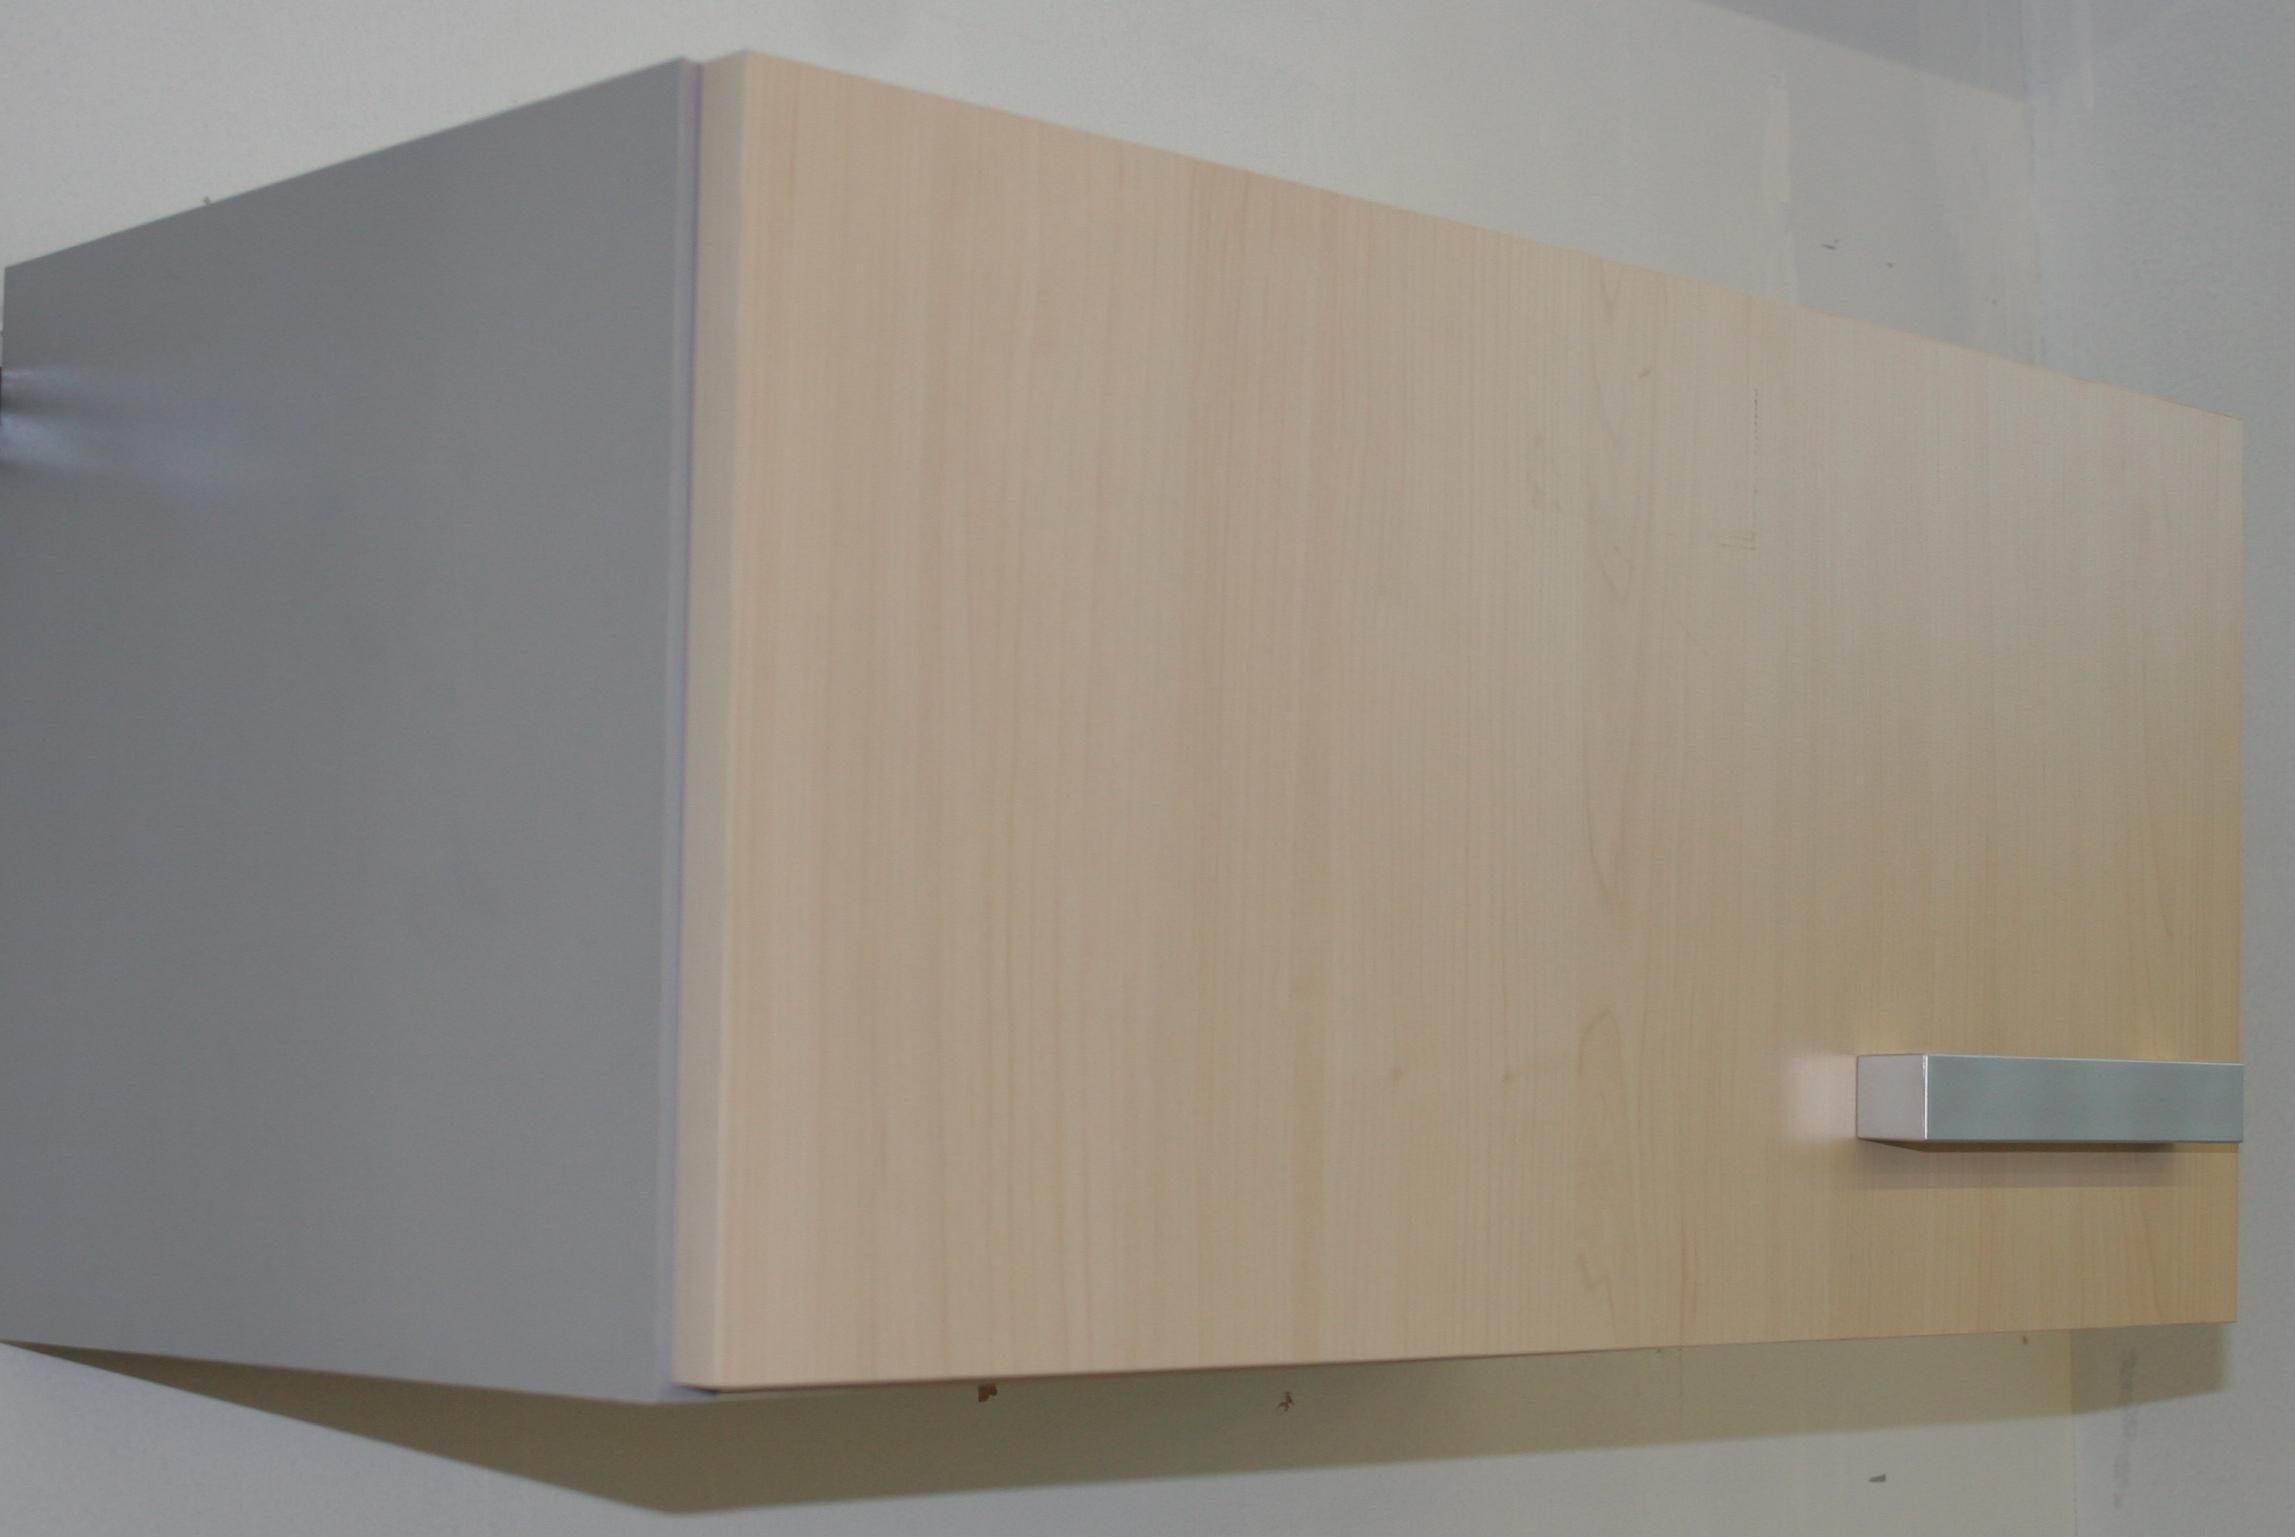 h ngeschrank 60 cm nur 30 cm hoch auch f r unterbauhauben birke alu dekor. Black Bedroom Furniture Sets. Home Design Ideas